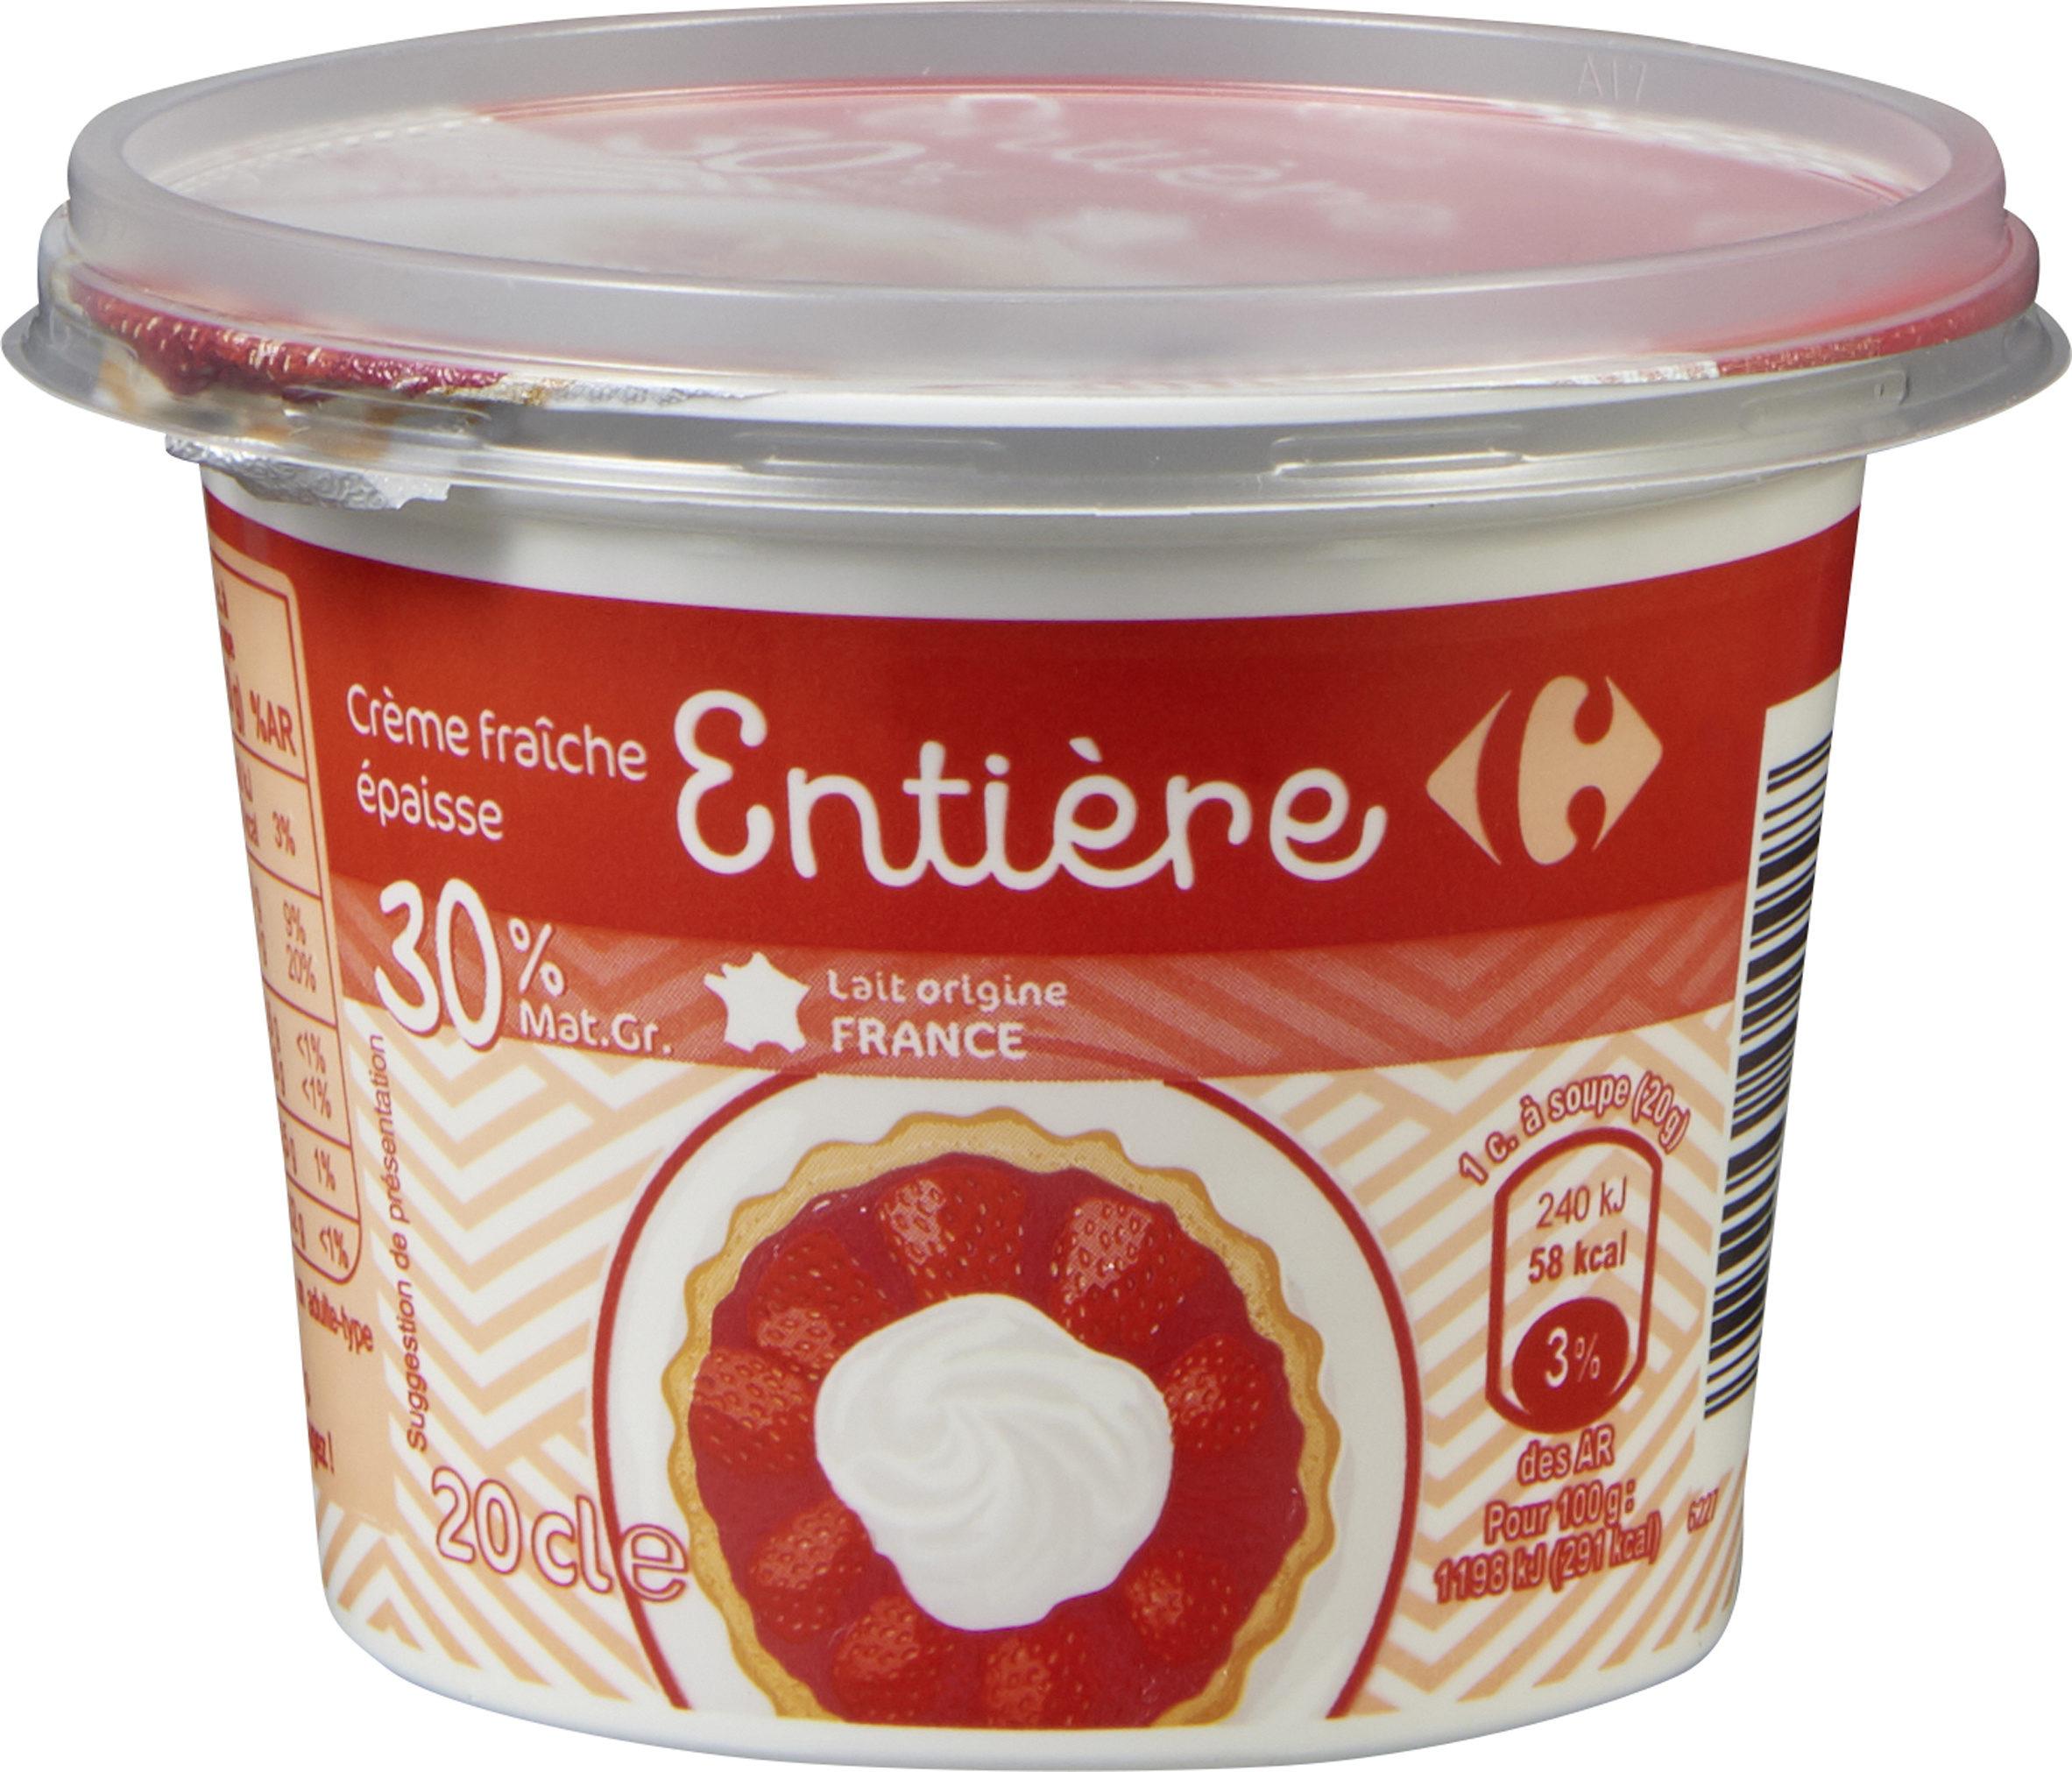 Crème fraîche épaisseEntière - Product - fr